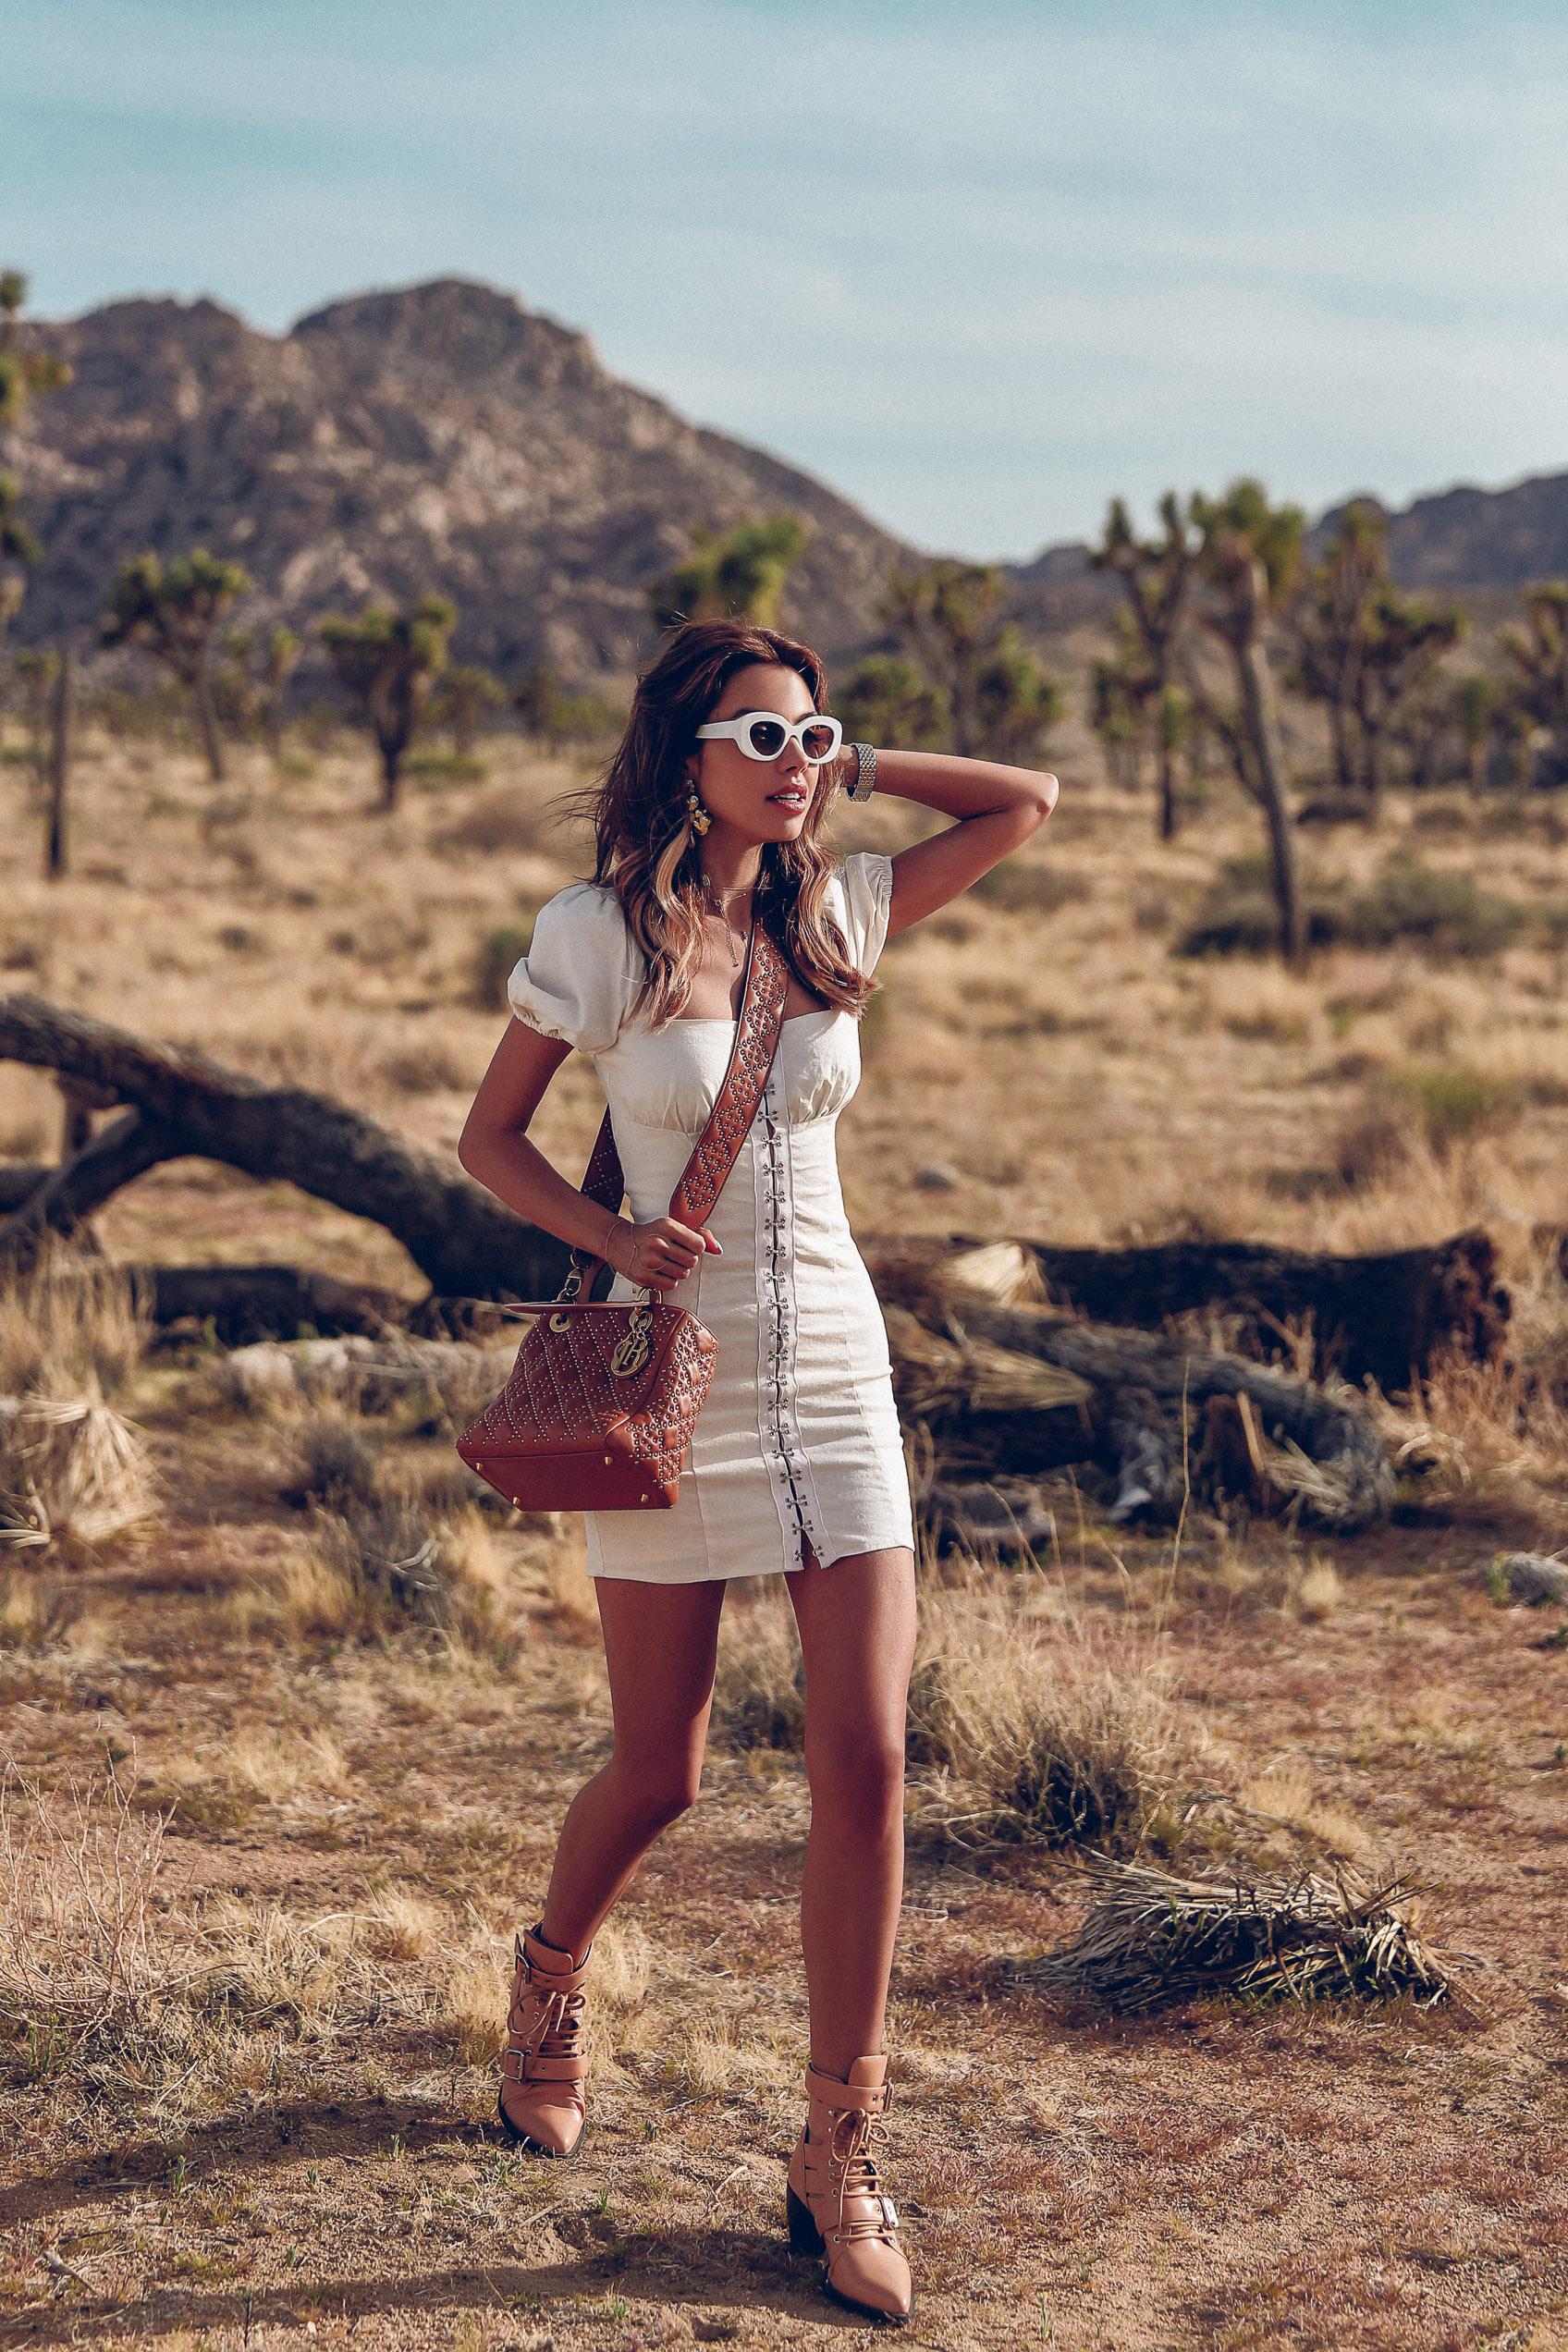 Festival Dressing Guide: Wear Now & Later | VivaLuxury